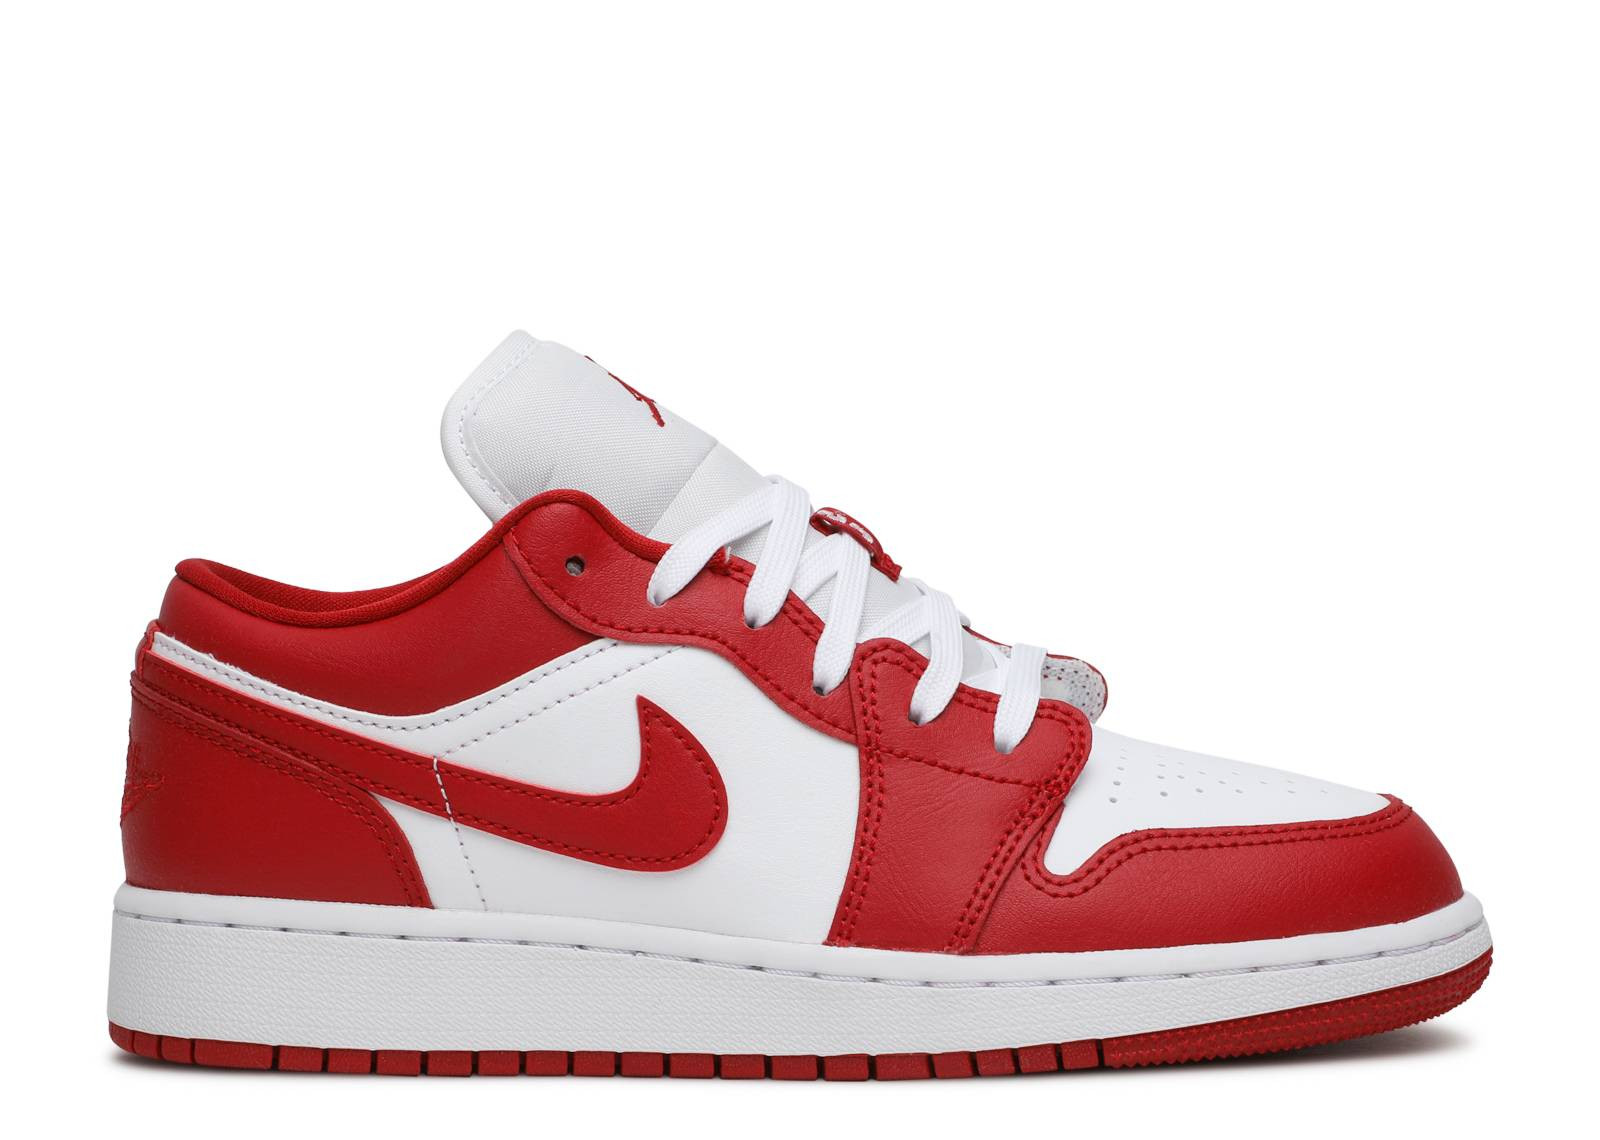 AIR JORDAN 1 LOW GYM RED WHITE (GS) image 1